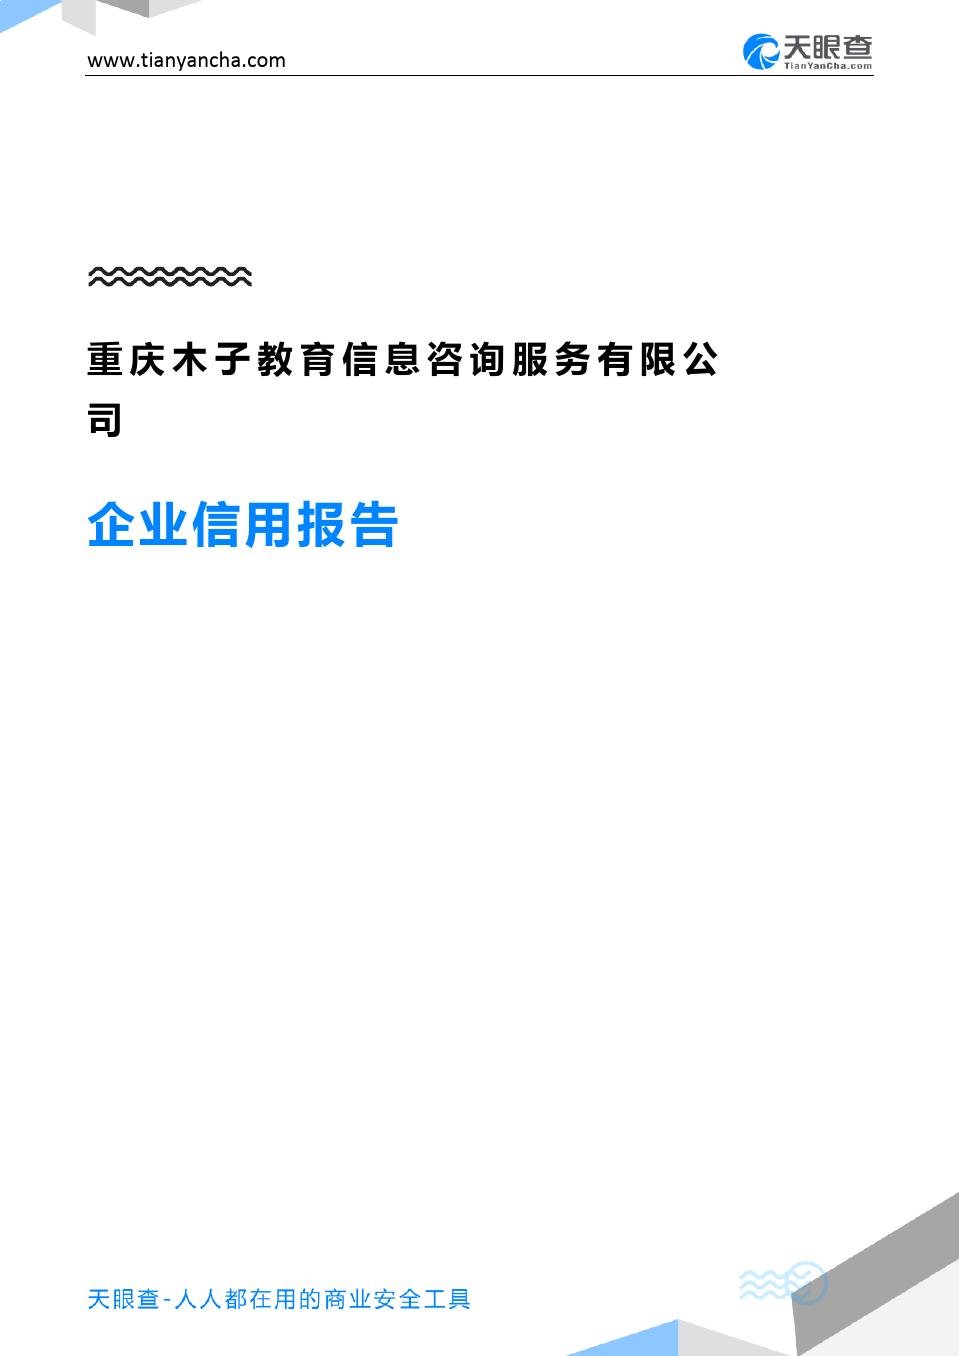 重庆木子教育信息咨询服务有限公司(企业信用报告)- 天眼查